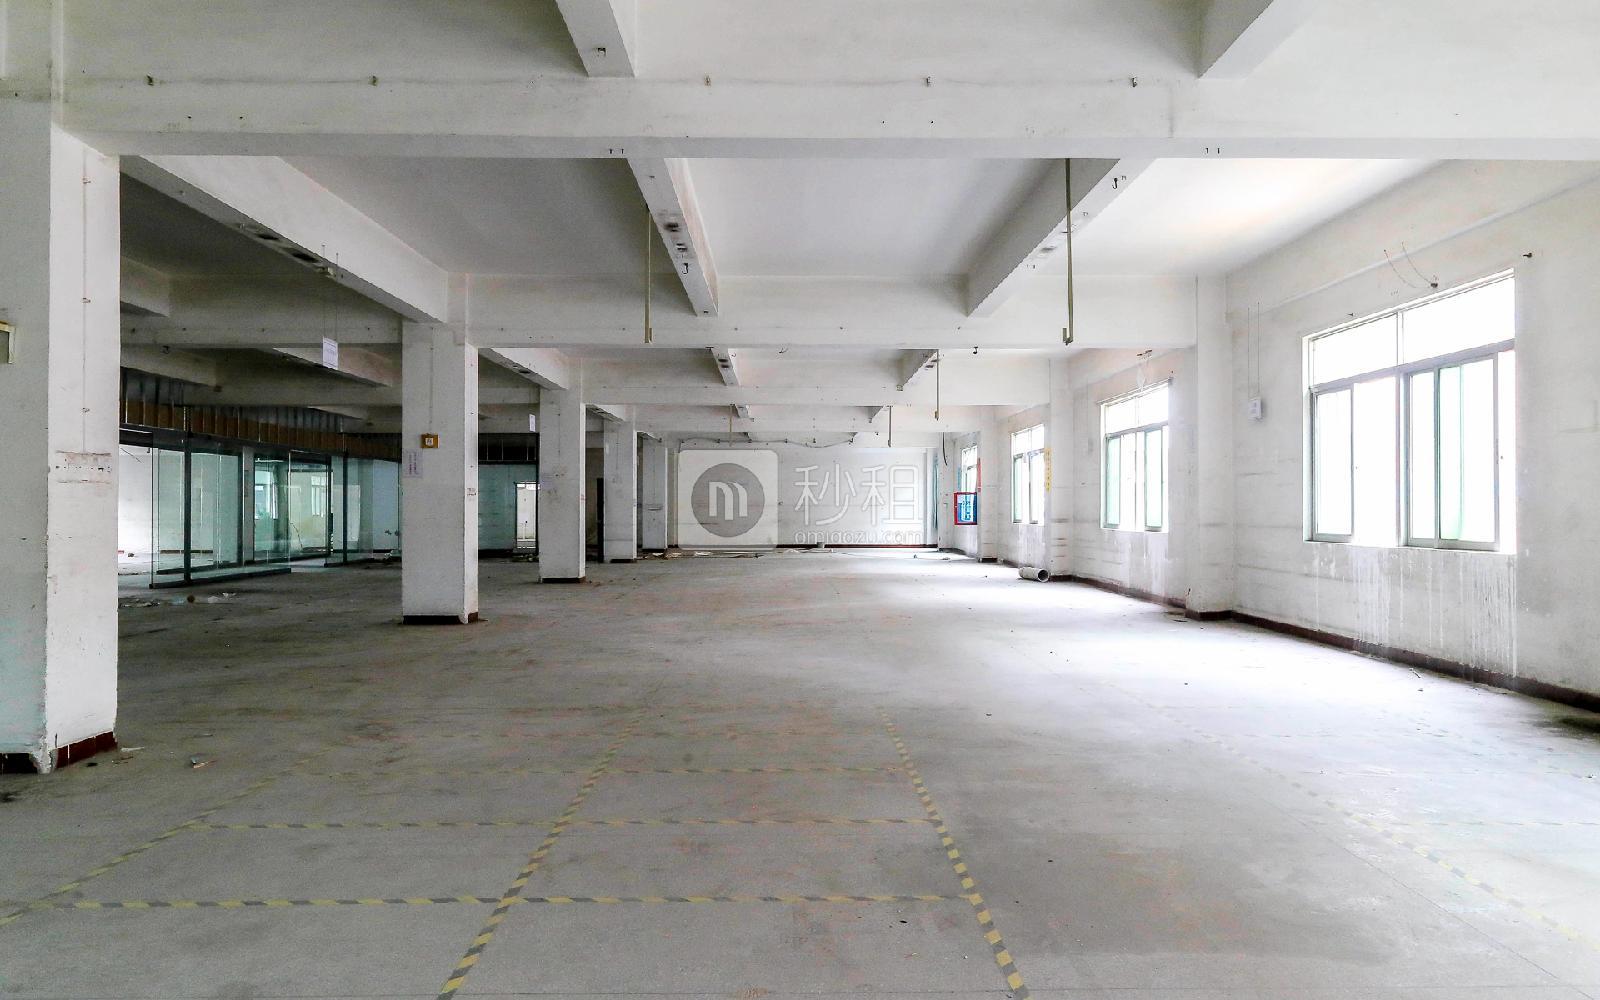 龙华-龙华 龙胜科技电商园 173m²